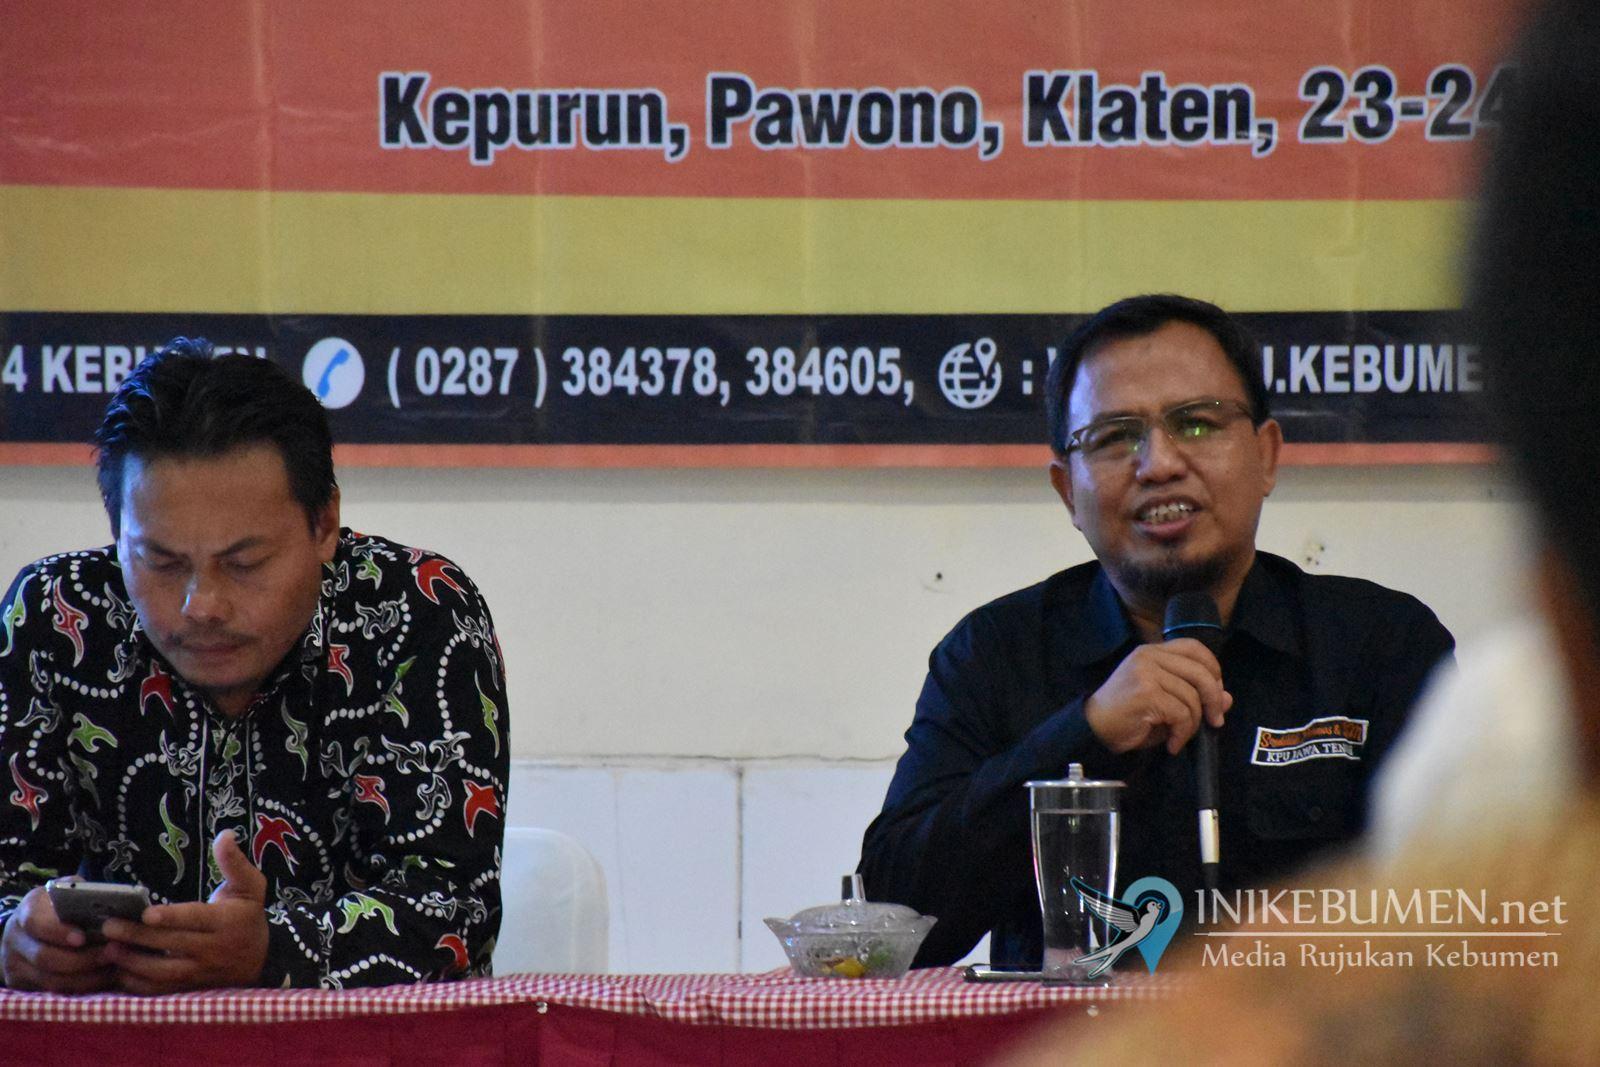 Cegah Isu Politisasi Agama Jelang Pilbup, KPU Kebumen Kumpulkan Para Tokoh Agama